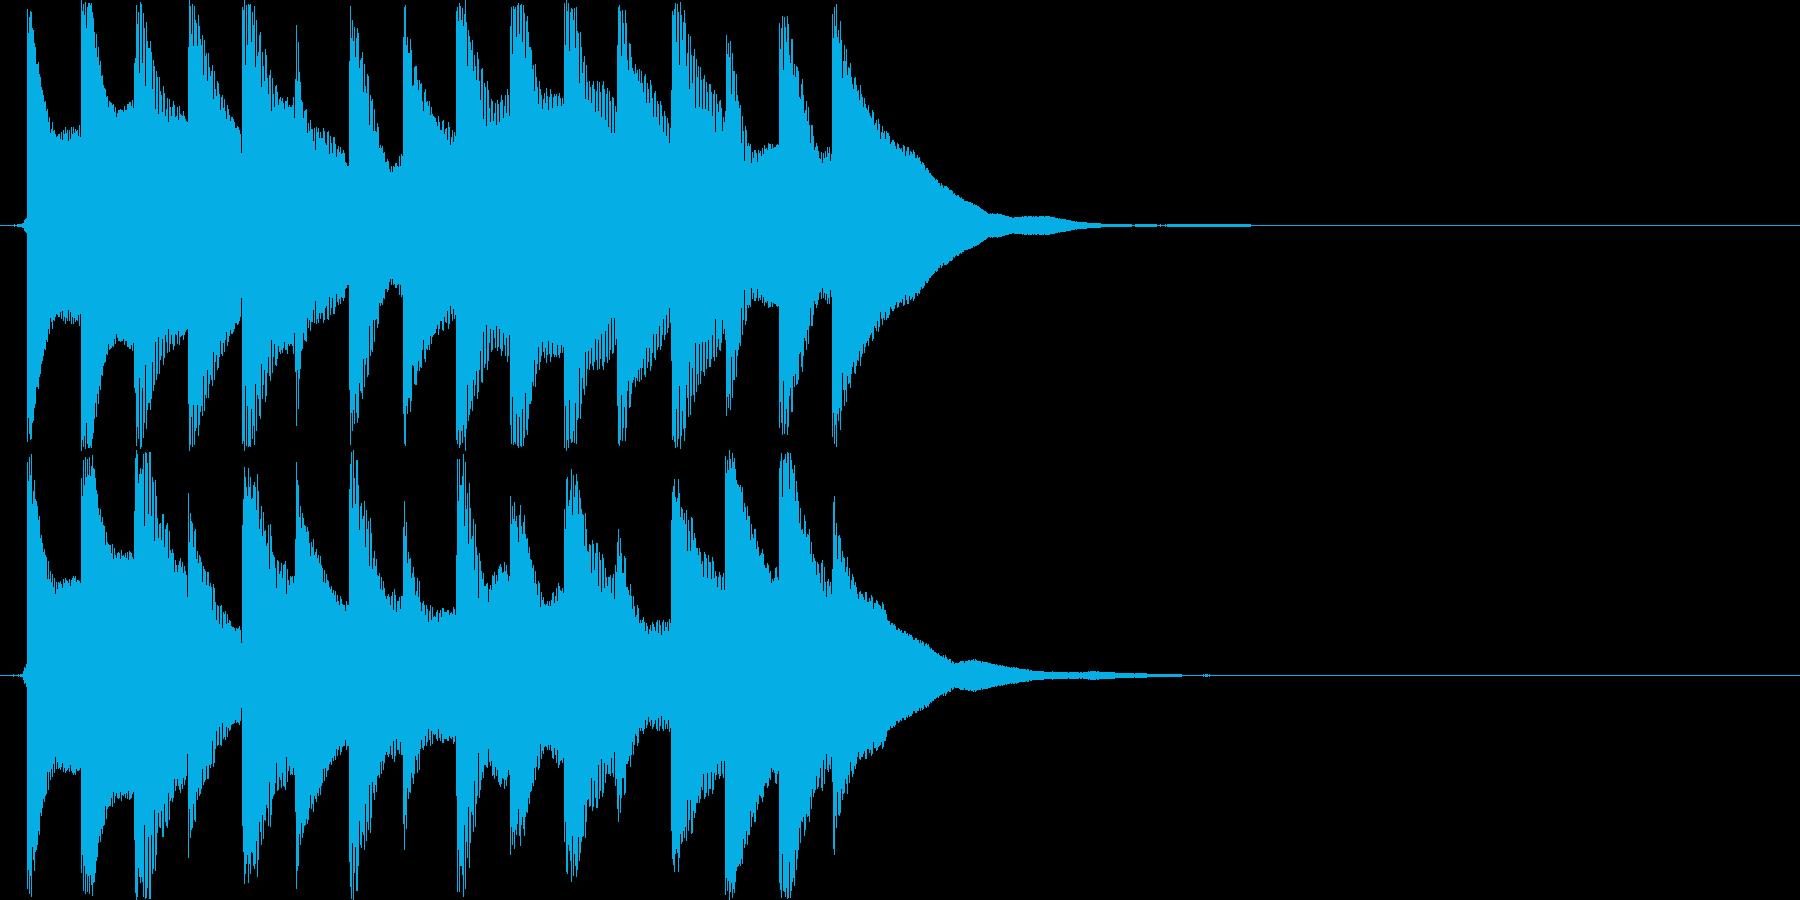 ピロピロピロピロ(伏せ音、自主規制)の再生済みの波形